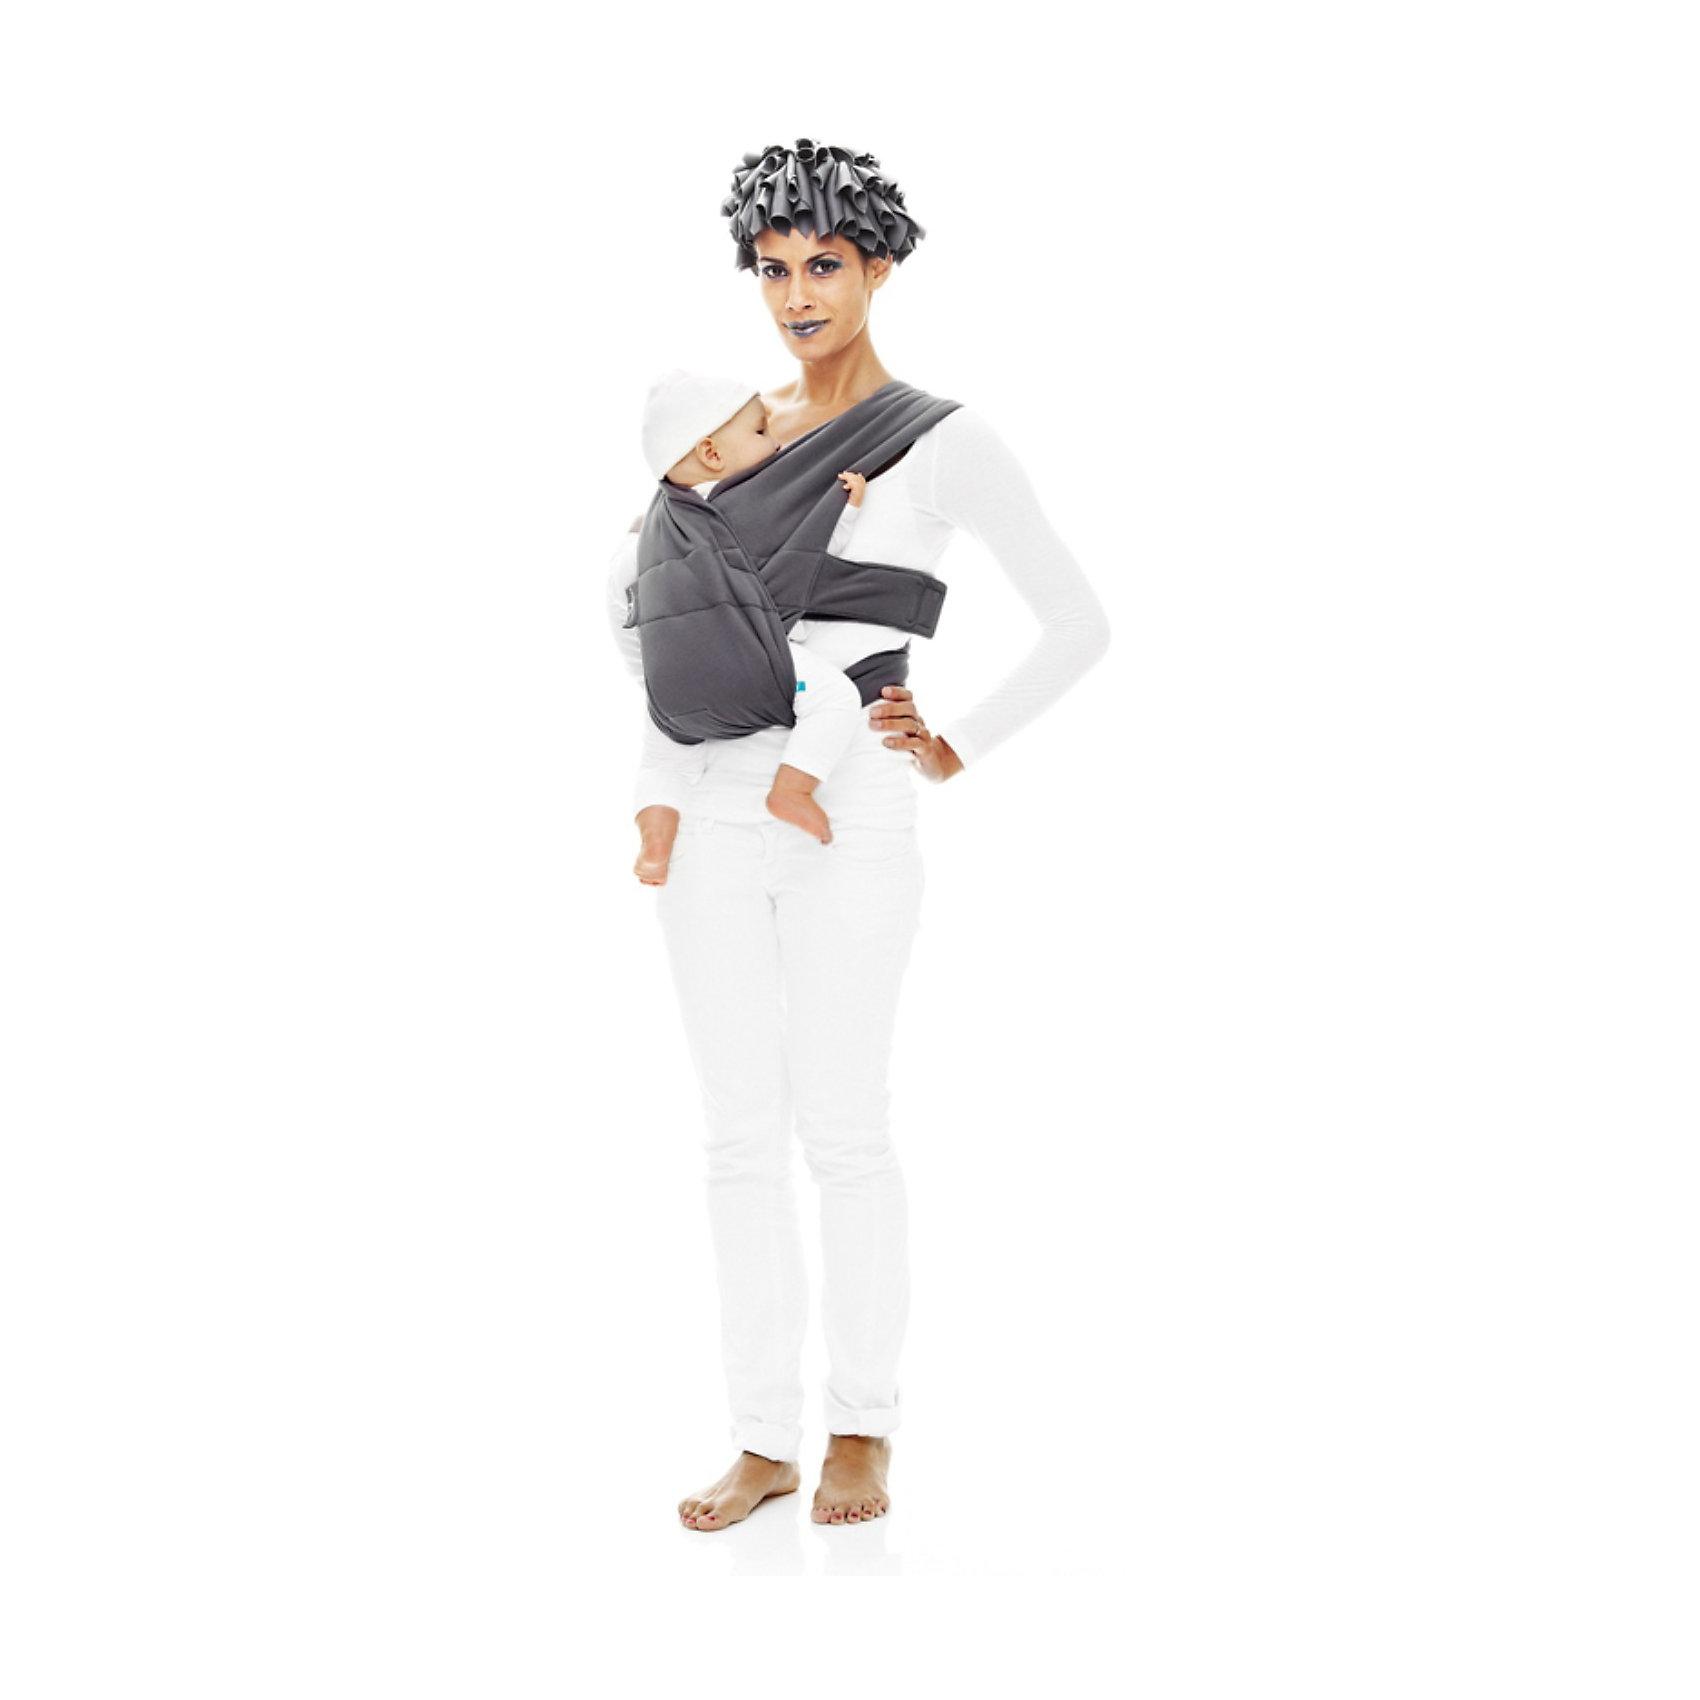 Рюкзак-переноска, Wallaboo, серыйСлинги и рюкзаки-переноски<br>Рюкзак-переноска, Валлабу, серый – новинка от Wallaboo, эксперта в производстве качественных, стильных и удобных товаров для мам и малышей. Рюкзак подарит комфорт малышу и обеспечит удобство передвижения маме.<br>Современный эргономичный рюкзак-переноска от Wallaboo придуман для заботливых родителей и чудесных малышей, в нем  использованы преимущества разнообразных видов рюкзаков–переносок и устранены любые неудобства для мамы или малыша. Это изделие Вы сможете быстро и легко приспособить к своей фигуре. Благодаря мягкому натуральному материалу оригинальный рюкзак от Wallaboo (Валлабу) будет намного комфортнее любой модели рюкзака, сделанной из полиэстера. Он выполнен из прочного 100% хлопка, пропускающего воздух. Широкие ремни на плечах и уникальное решение с перекрестными ремнями на спине обеспечат оптимальное распределение нагрузки. Легкий и компактный рюкзак удобно взять с собой в путешествие или на прогулку. Стильный и оригинальный двухцветный дизайн подчеркнет ваш модный и динамичный образ.<br><br>Дополнительная информация:<br><br>- Материал: 100% двусторонний хлопковый трикотаж<br>- Испытания на безопасность: материалы и готовое изделие соответствуют сертификату качества ЕС (BS EN 13209-2)<br>- Особенности: широкая поддерживающая часть под ягодицами и коленками малыша обеспечивает правильное разведение ножек ребенка в эргономичной позе<br>- Регулировка: простая и быстрая при помощи надежных и безопасных застежек-липучек высокого качества, рюкзак растет вместе с Вашим малышом<br>- Использование: легкий и компактный рюкзак удобно взять с собой в путешествие или на прогулку; малыш может находиться в двух естественных положениях «лицом к маме» и «лицом вперед»<br>- Стильный двухцветный дизайн помогает легко отличить лицевую сторону рюкзака от изнанки<br>- Инструкция-схема вшита внутри<br>- Размер: один универсальный размер<br>- Возраст: от рождения до 12 месяцев<br>- Вес ребенка: от 3,5 до 15 кг (реко